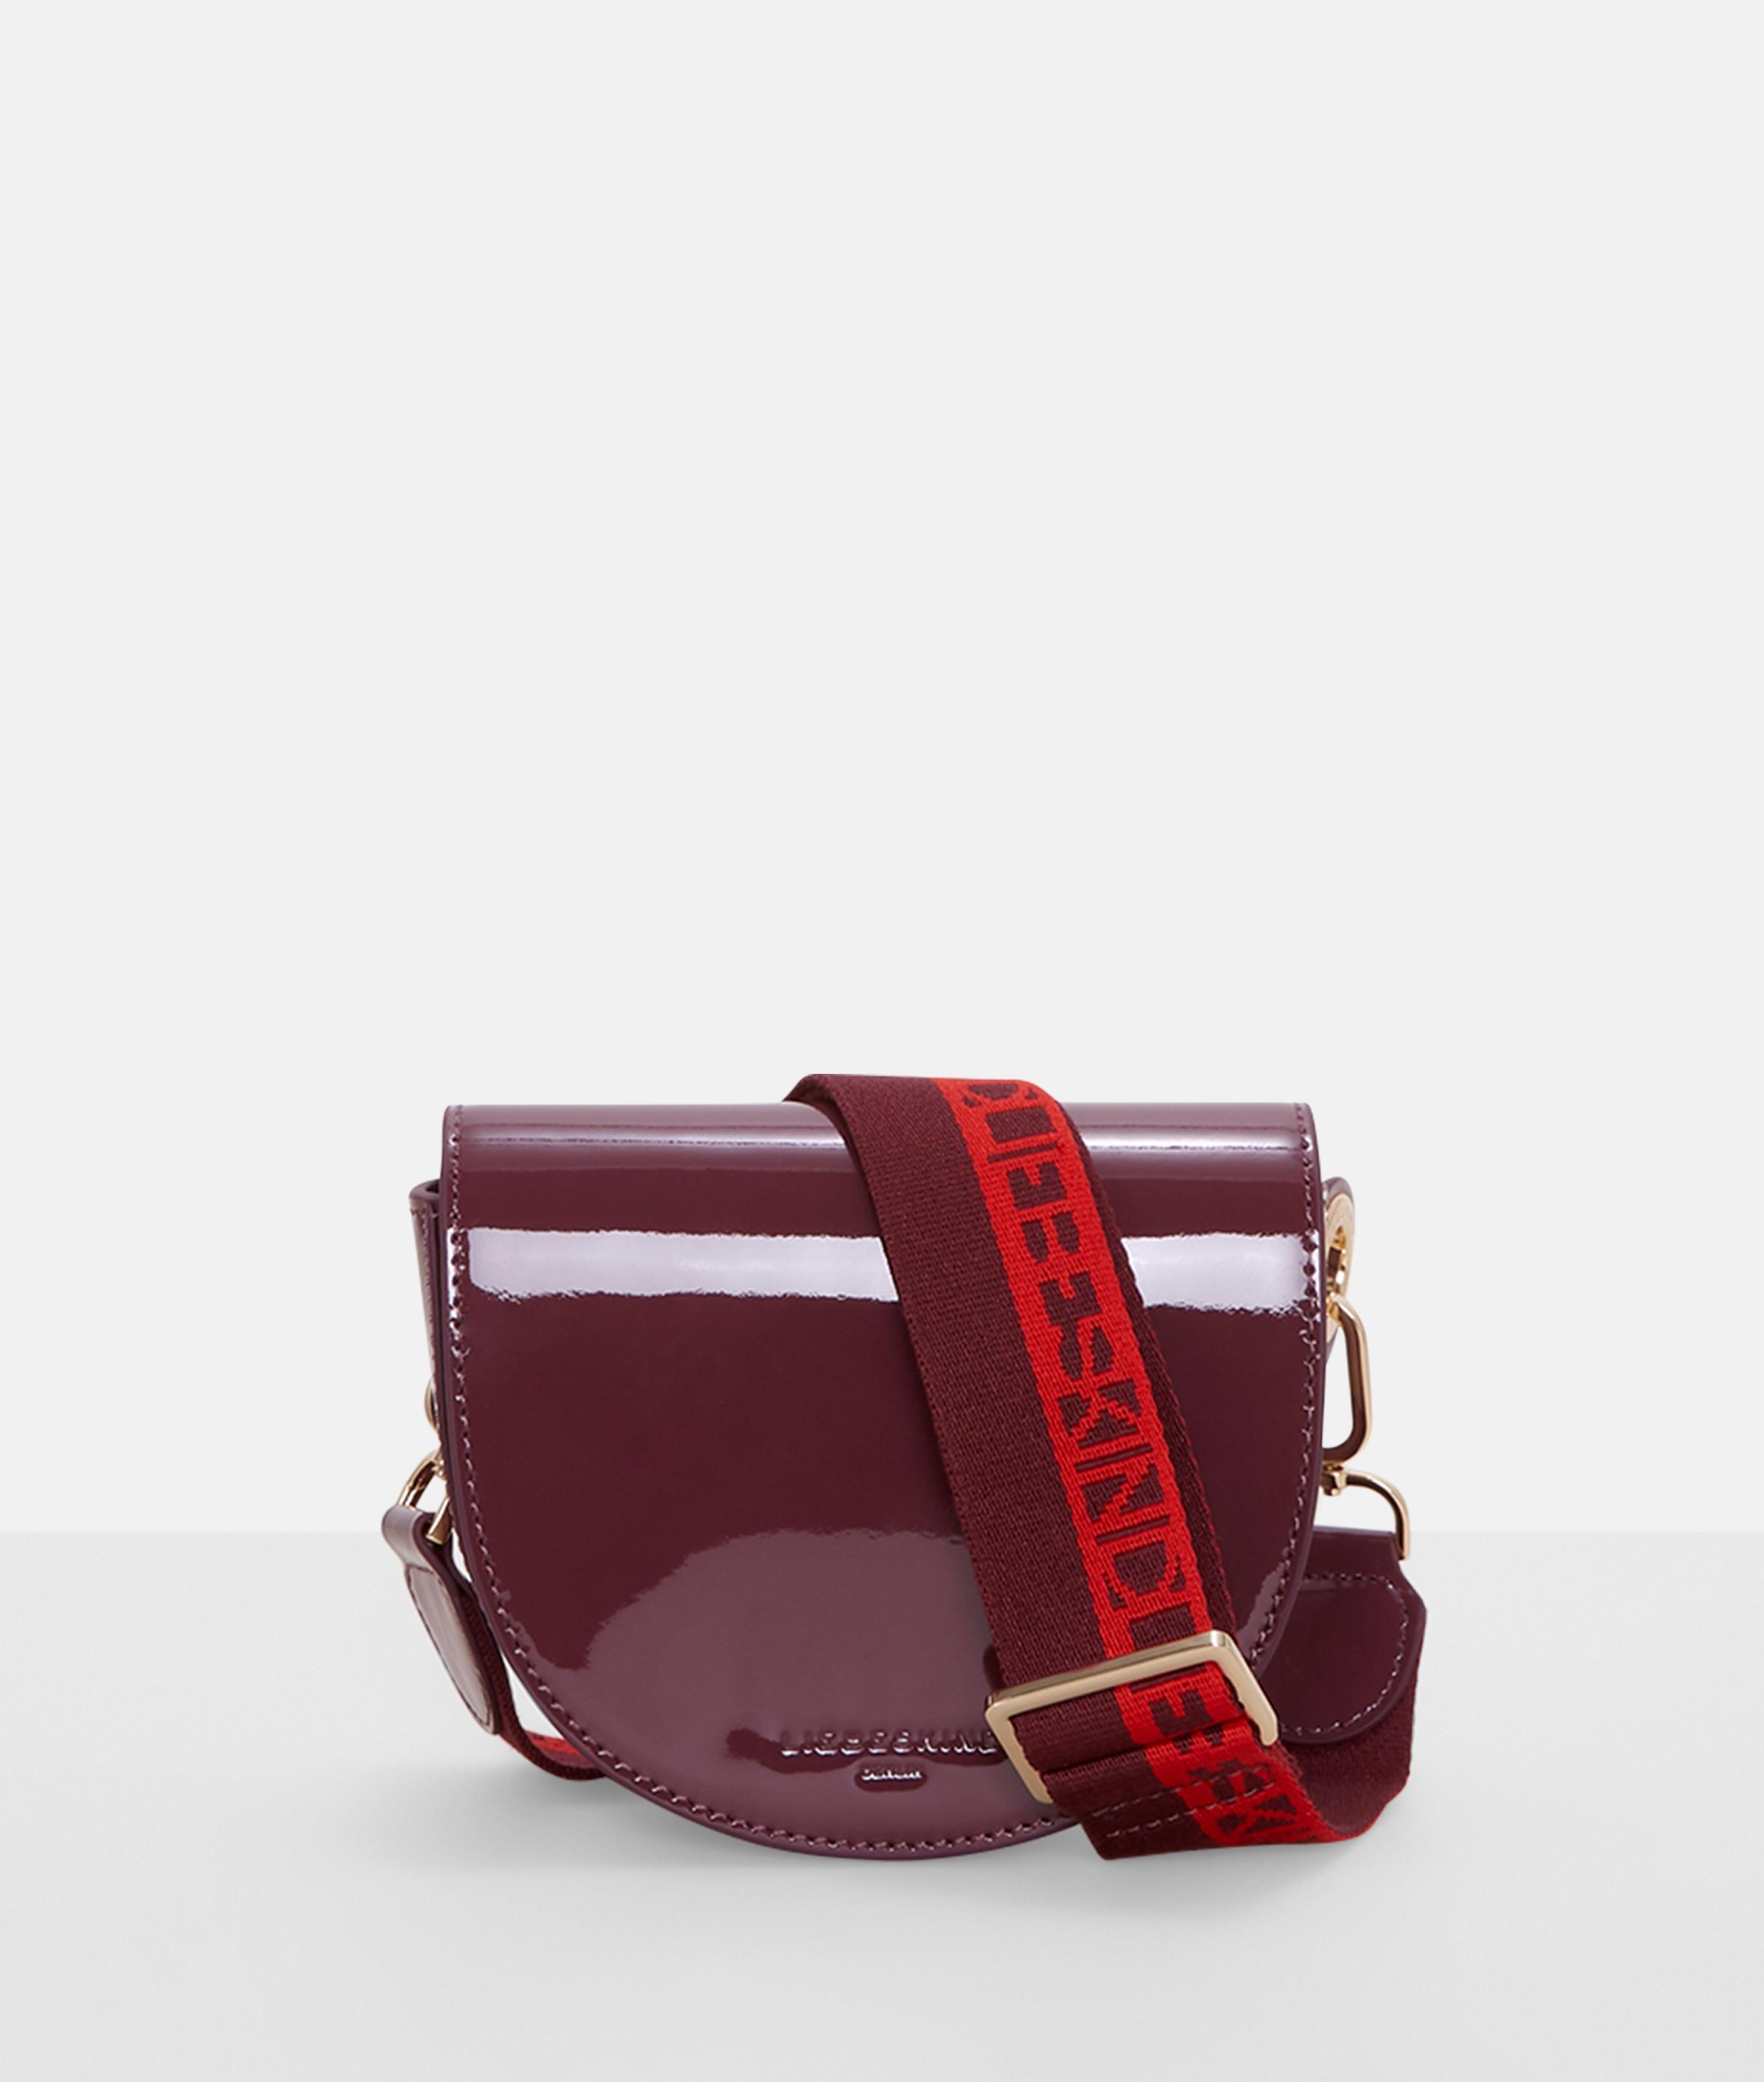 liebeskind berlin - Tasche MixeDbag Patent Belt Bag, Pink